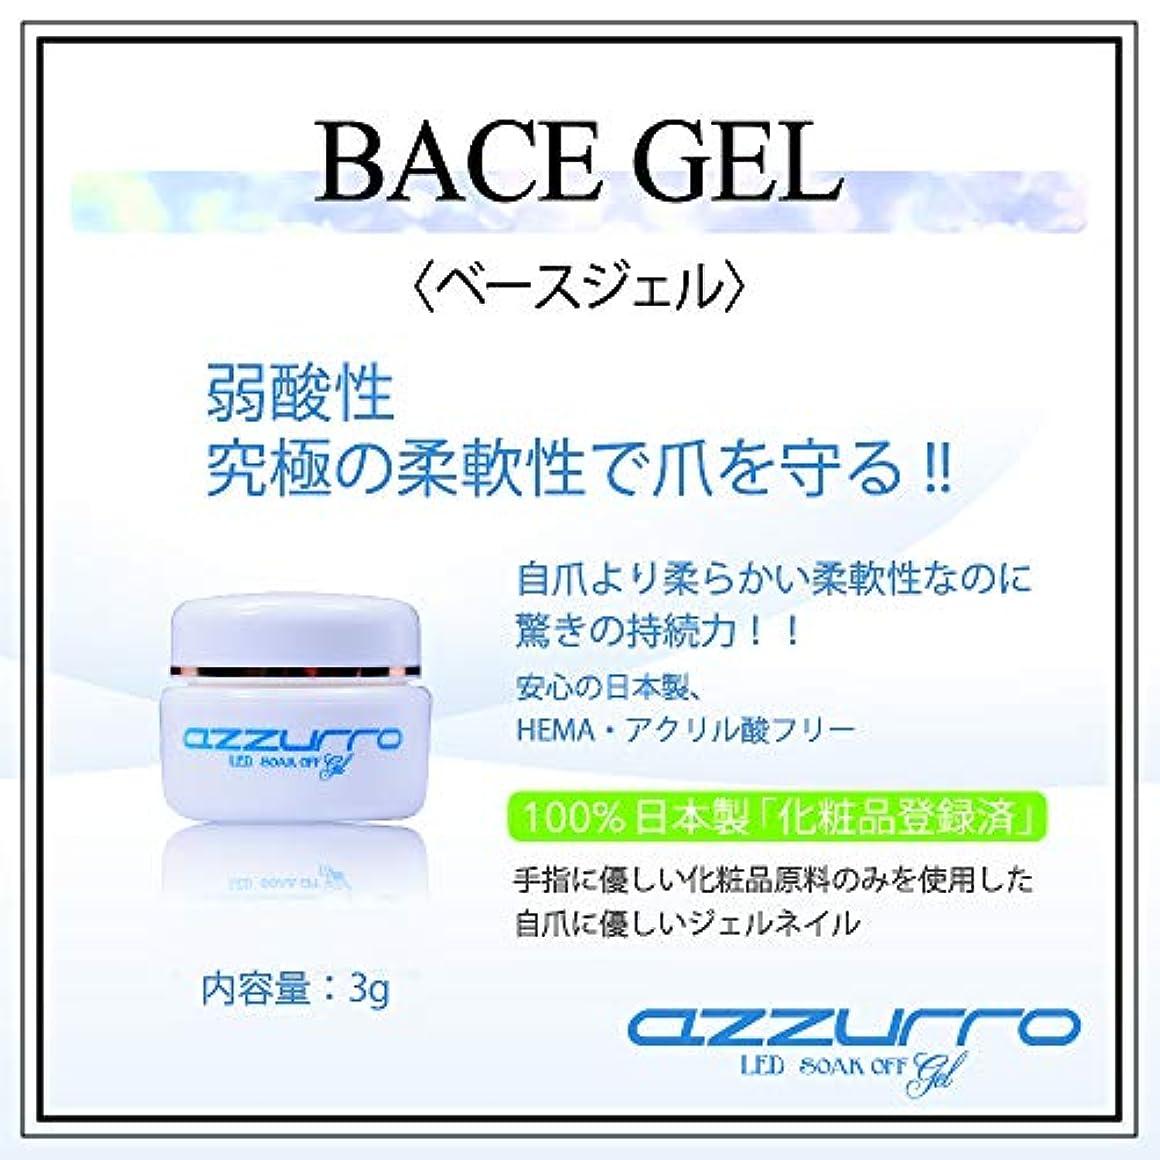 通常可塑性薬azzurro gel アッズーロ ベースジェル 日本製 驚きの密着力 リムーバーでオフも簡単3g